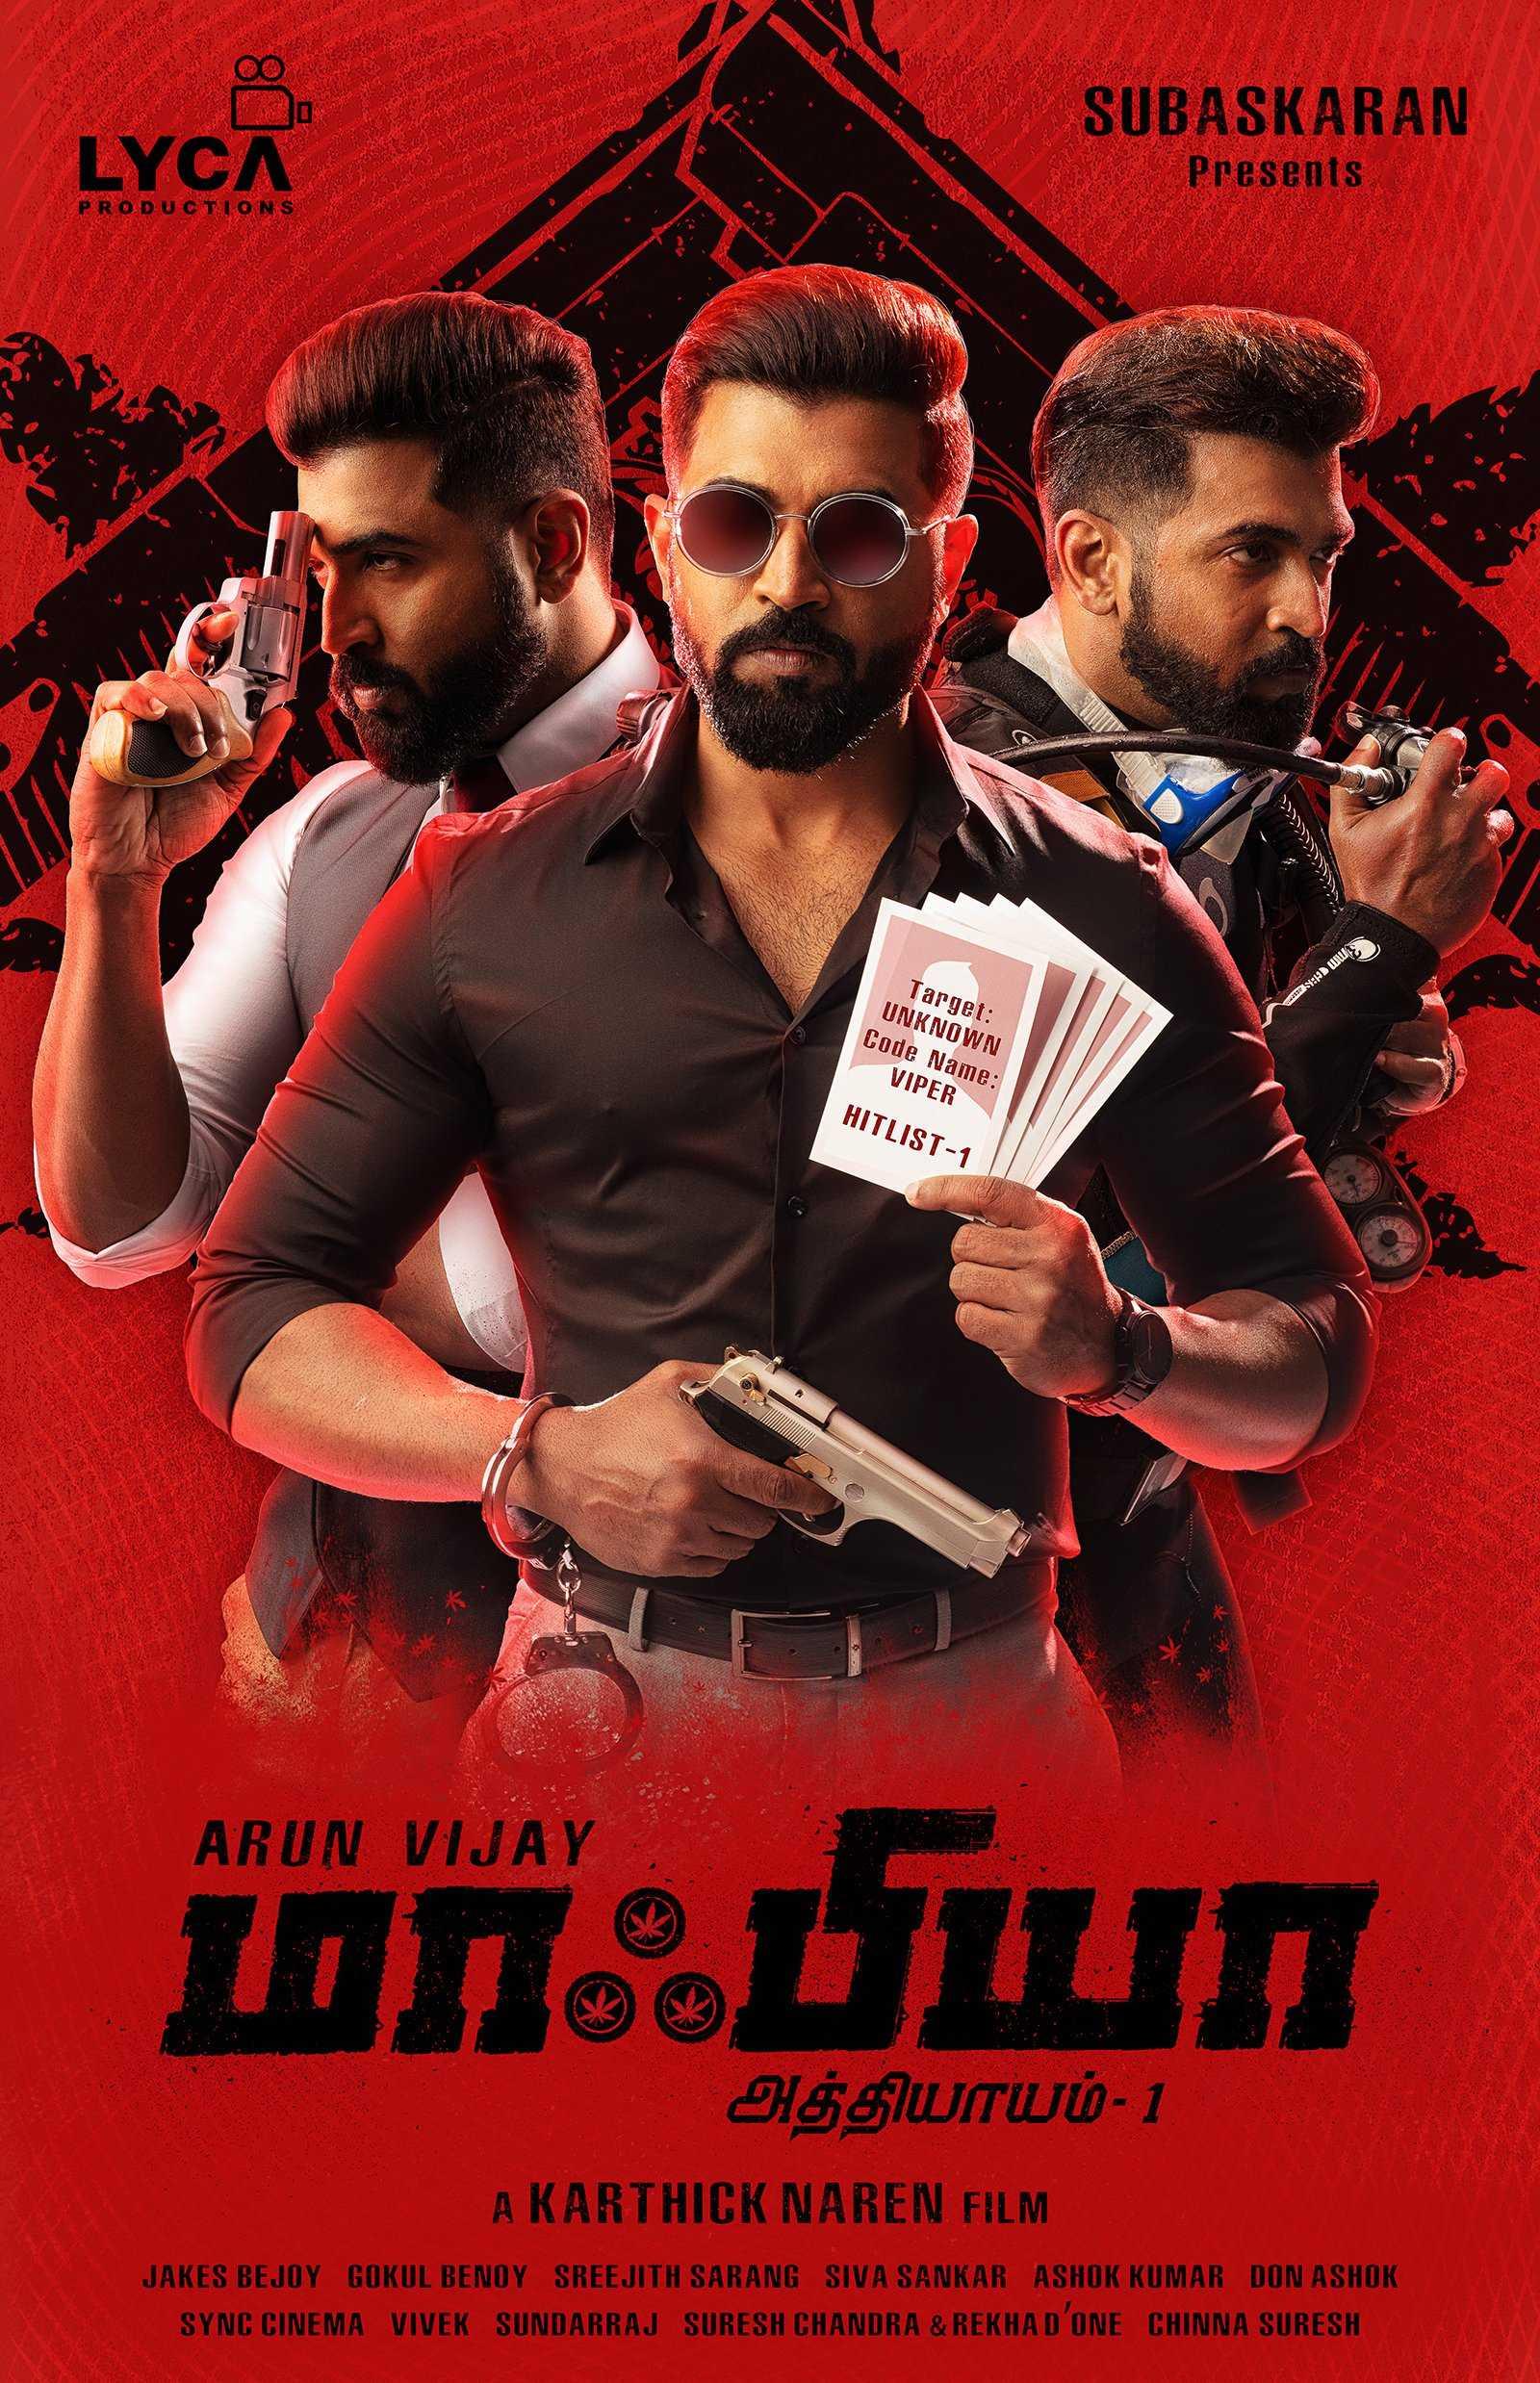 Mafia Arun Vijay Priya Bhavani Shankar director Karthick Naren